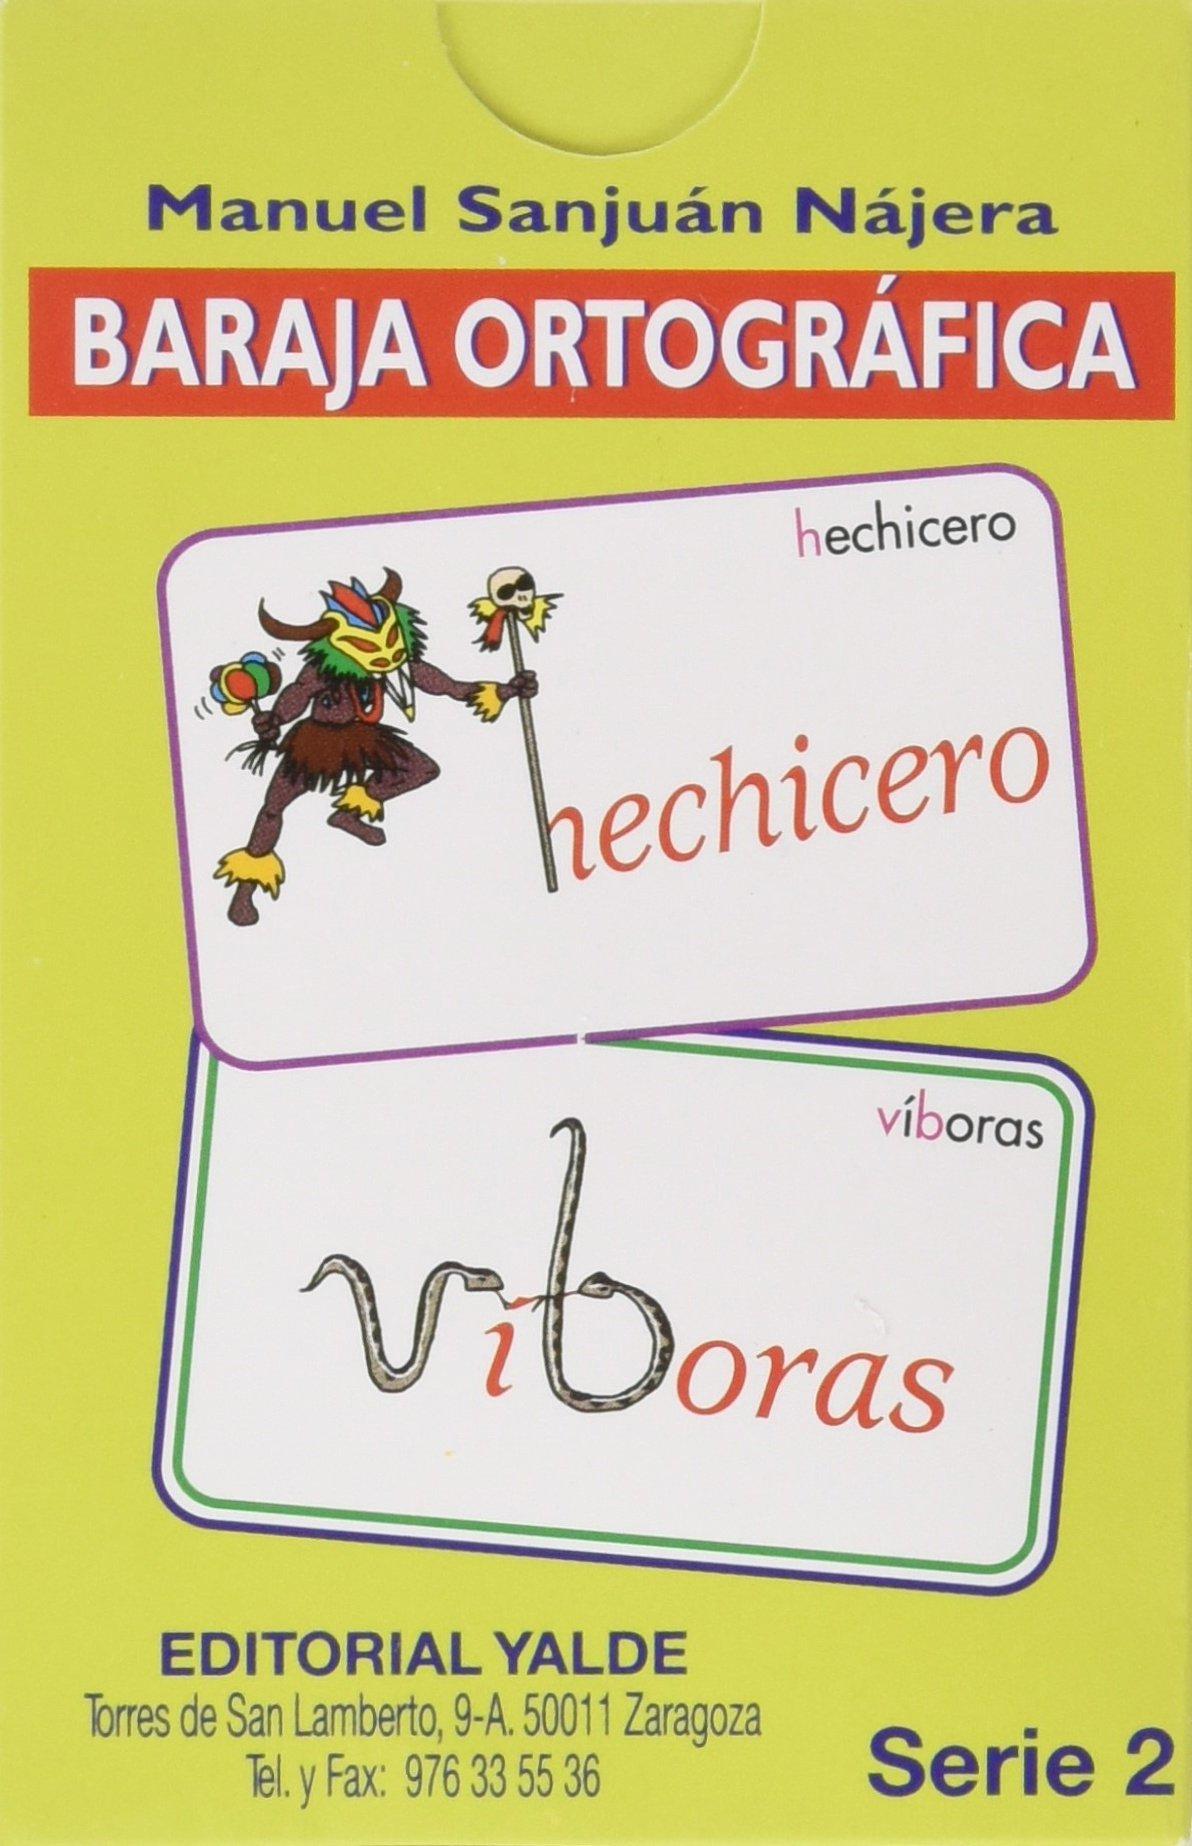 Baraja ortografica 2 (5-12 años) Tapa blanda – 24 jun 2010 Manuel Sanjuan Najera YALDE 8487705324